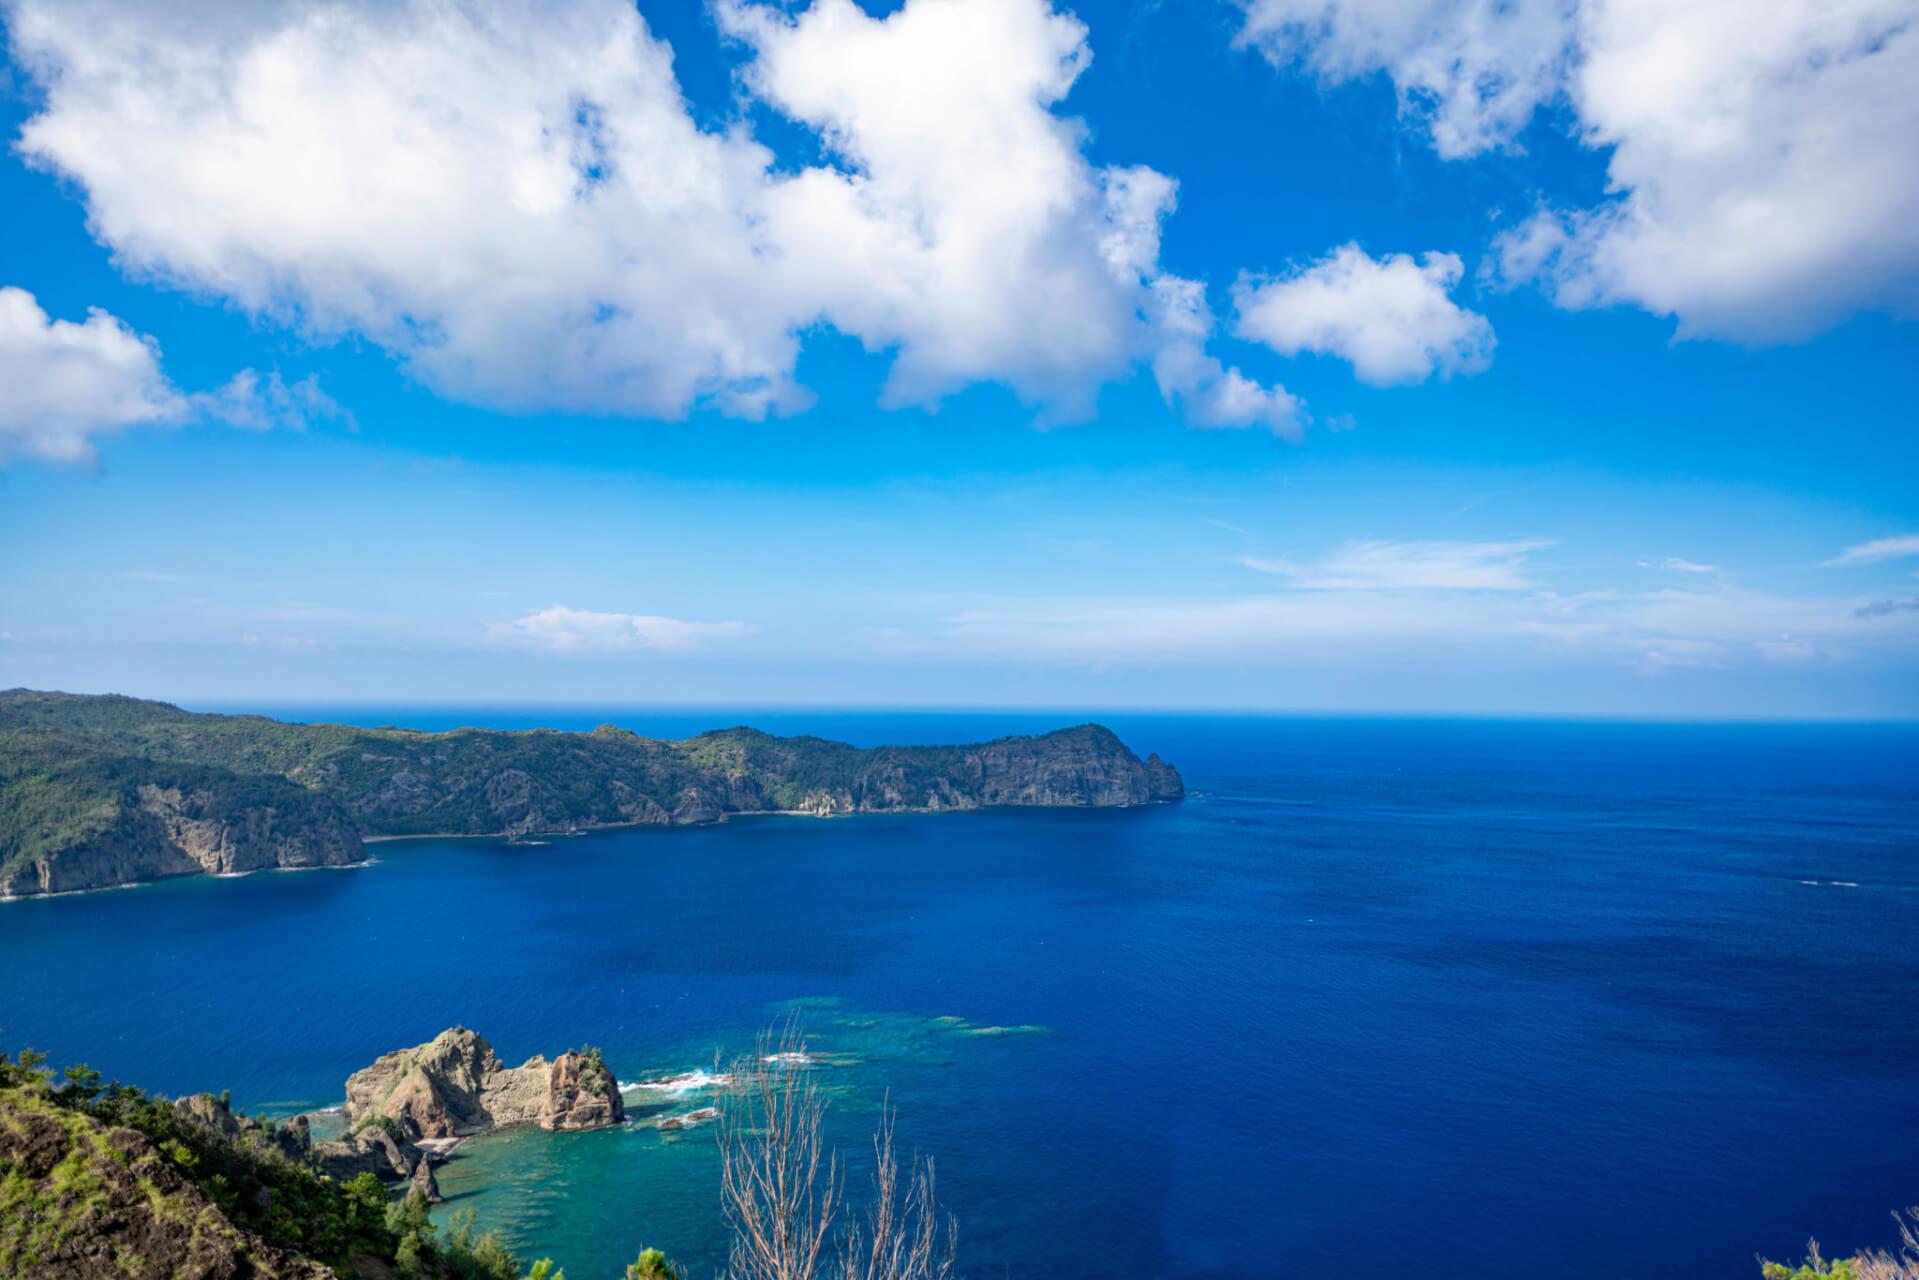 【国内・離島旅行】小笠原諸島大自然満喫の旅【6日間】